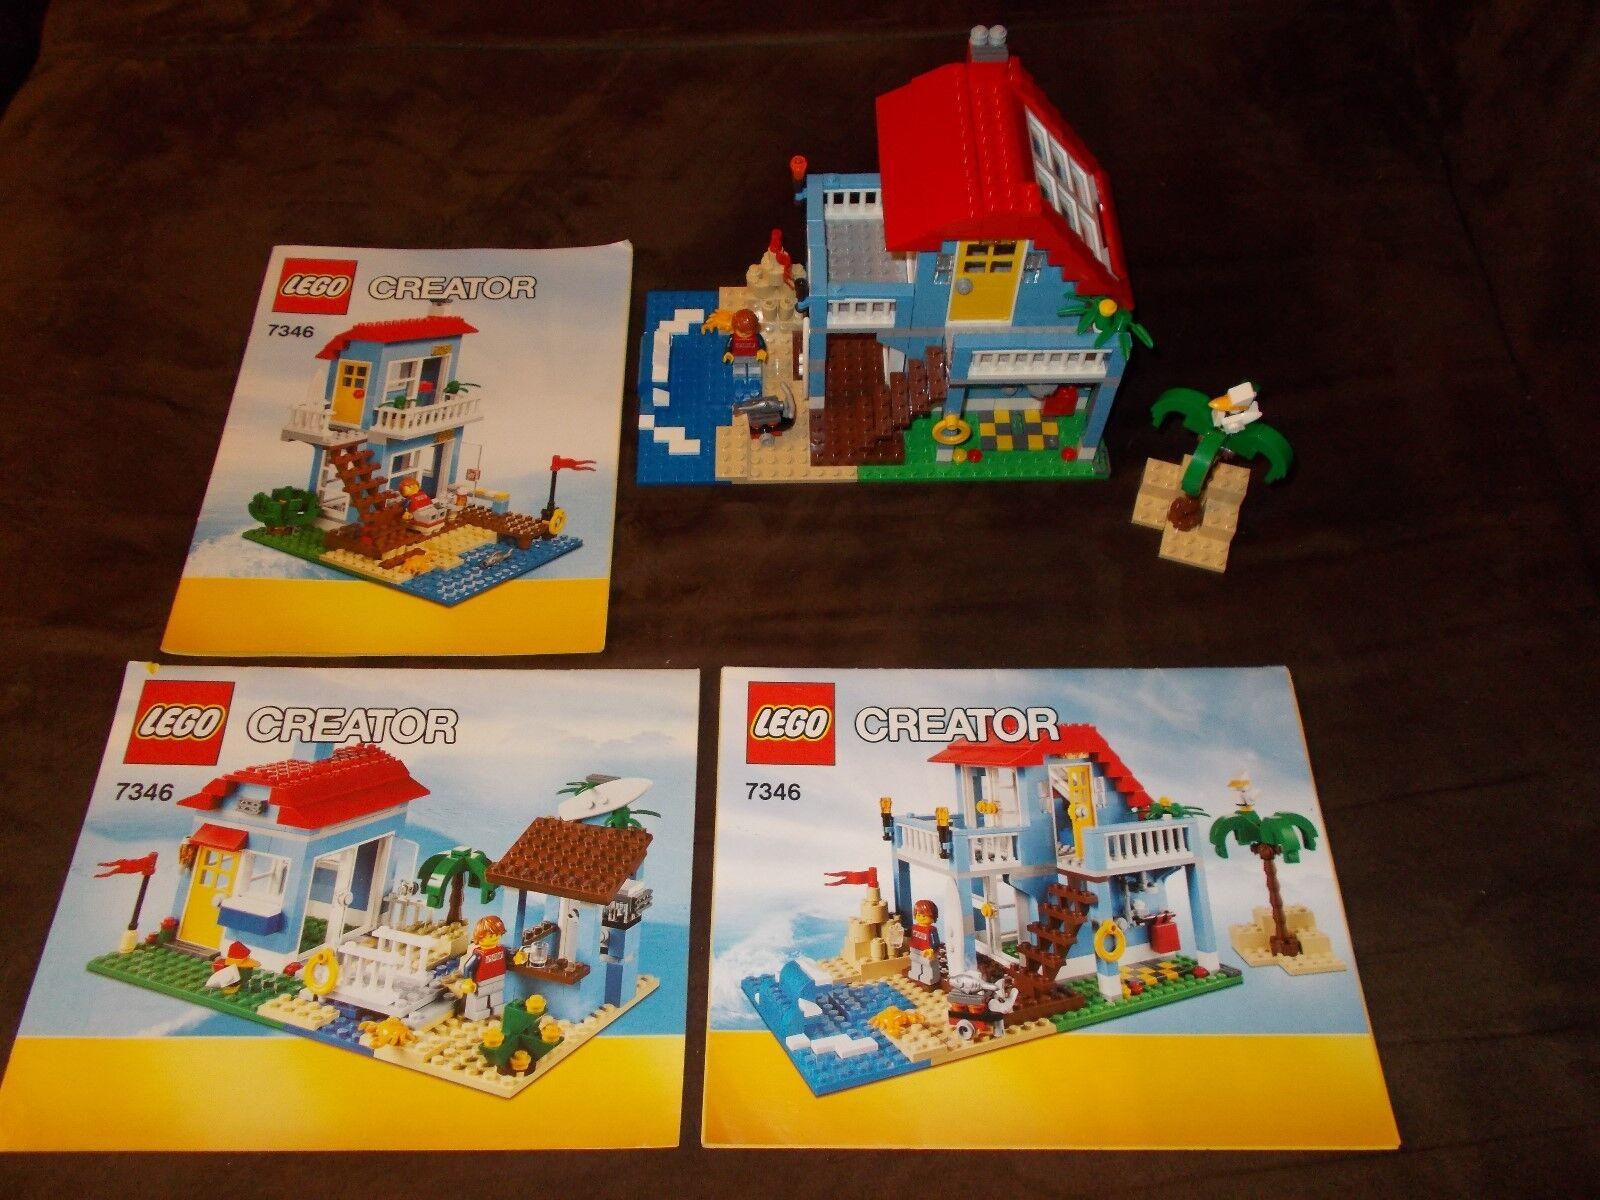 Lego® Creator - 7346 - Strandhaus Strandhaus Strandhaus (3 in 1 Set) - mit OVP und BA 7d16e8